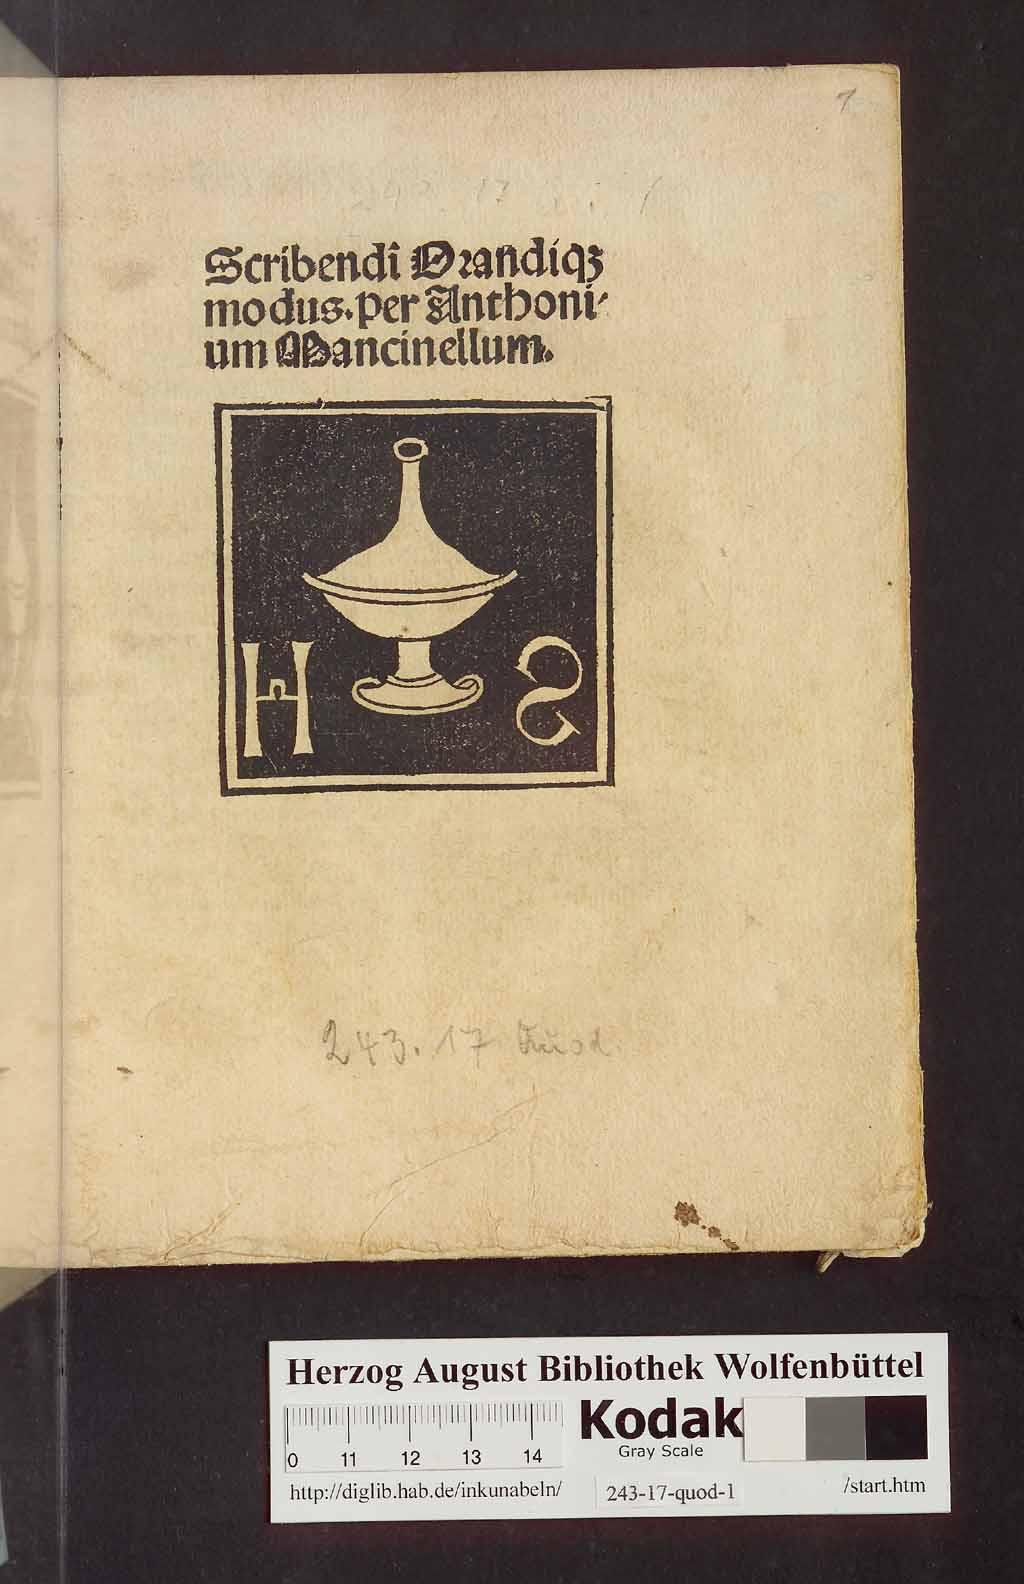 http://diglib.hab.de/inkunabeln/243-17-quod-1/00001.jpg